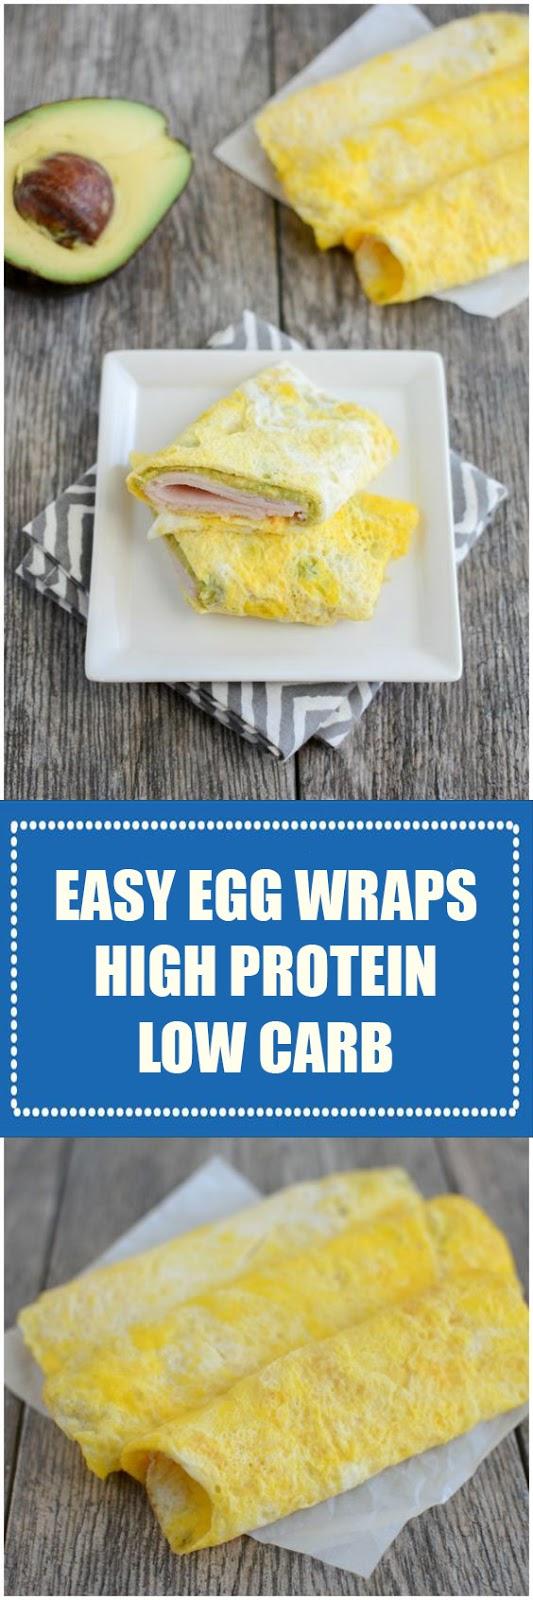 Easy Egg Wraps